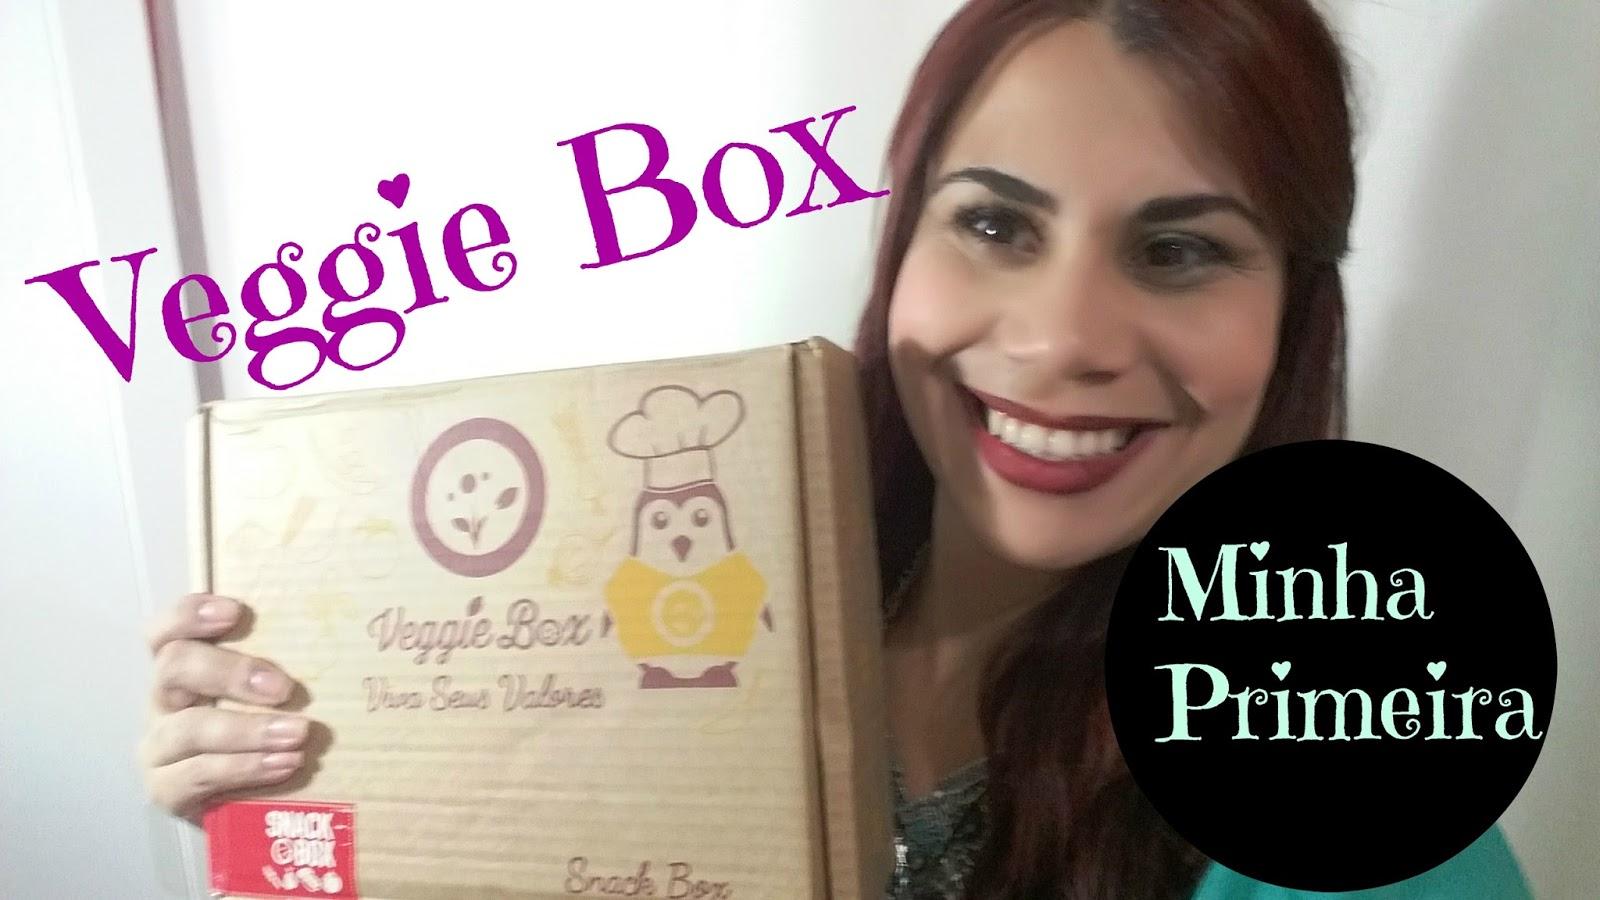 veggie box blog estilo modas e manias